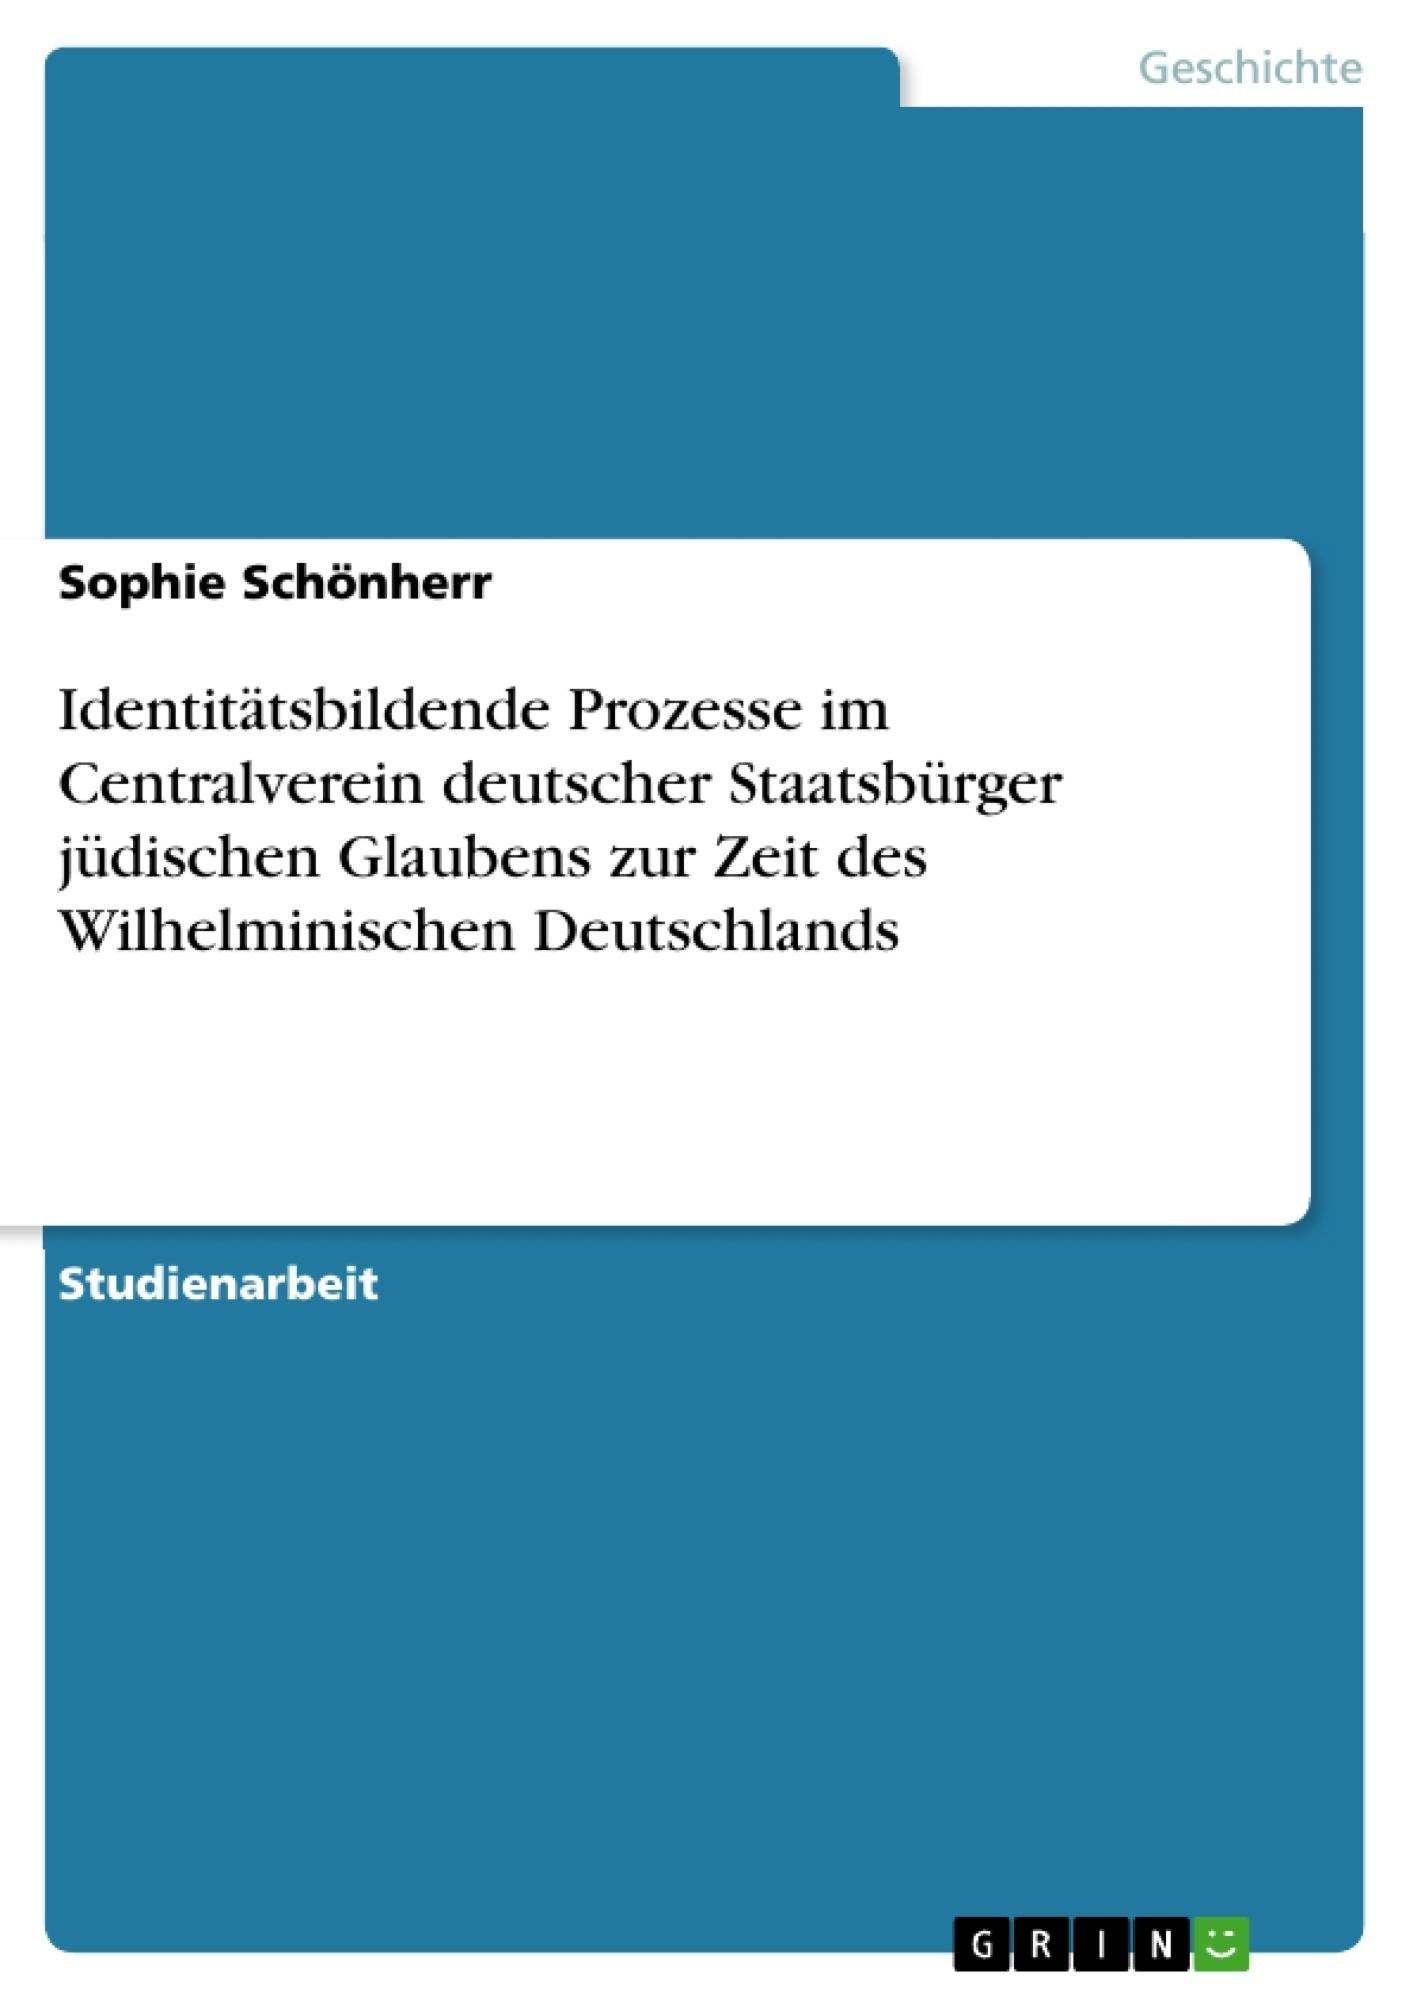 Titel: Identitätsbildende Prozesse im Centralverein deutscher Staatsbürger jüdischen Glaubens zur Zeit des Wilhelminischen Deutschlands